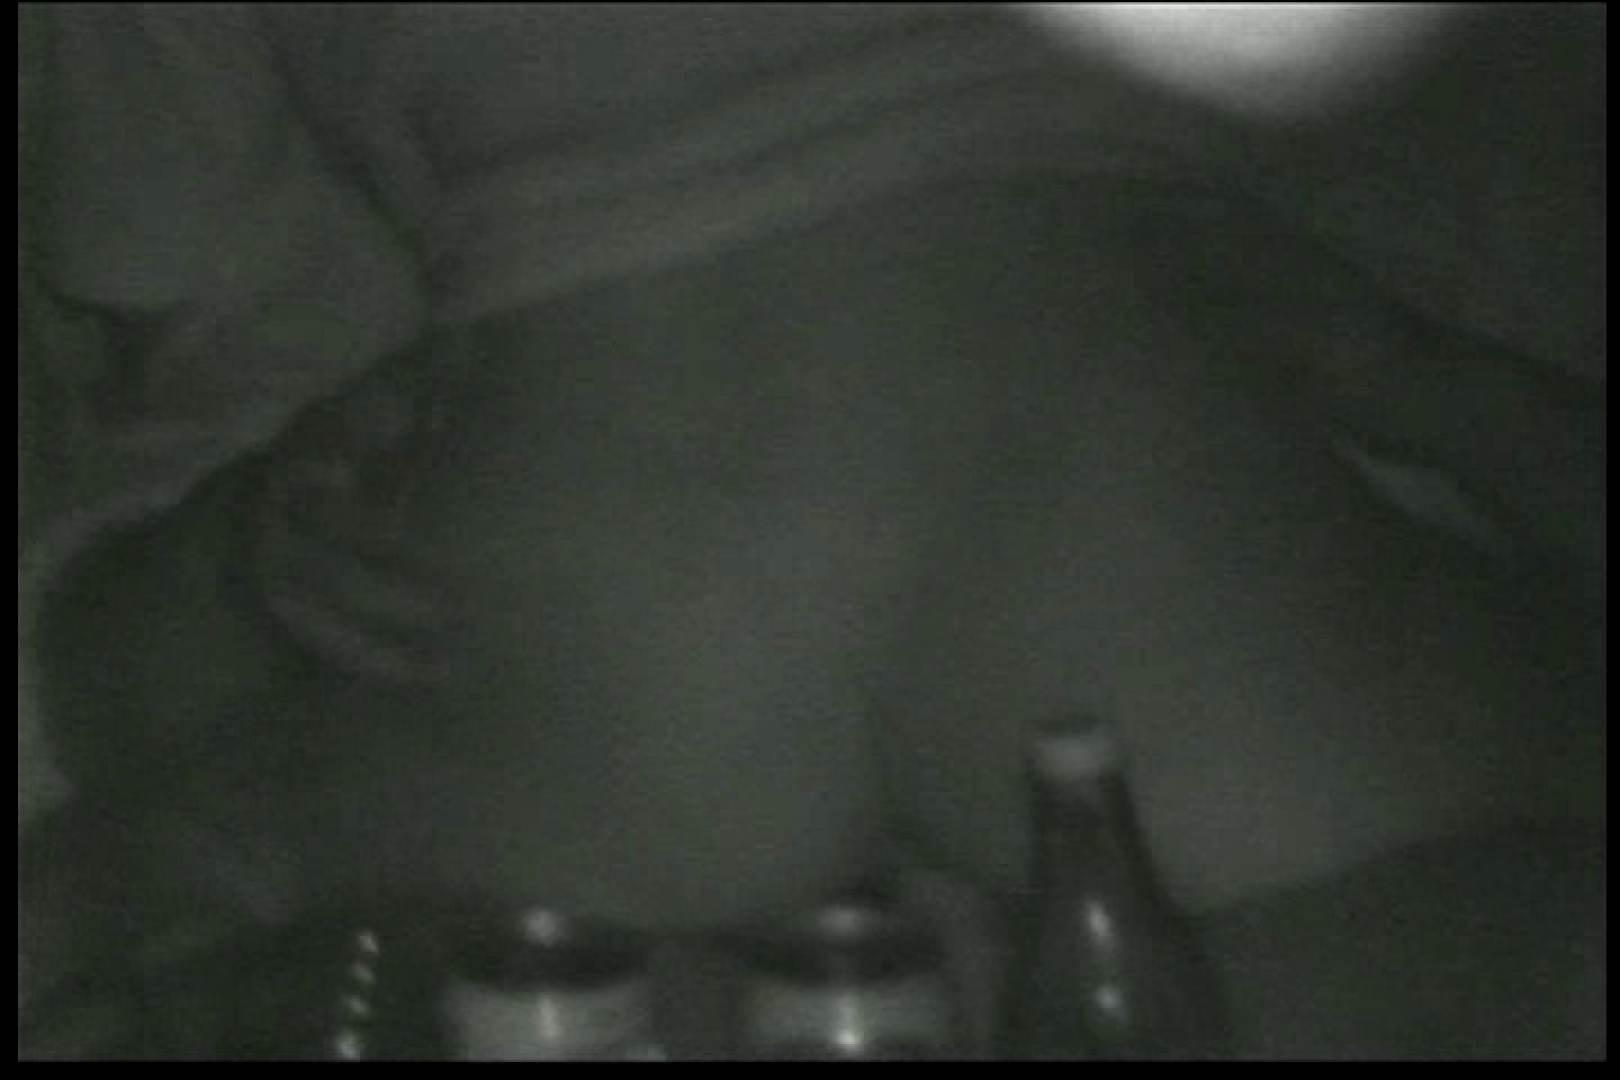 車の中はラブホテル 無修正版  Vol.12 ラブホテル隠し撮り おめこ無修正動画無料 87pic 87